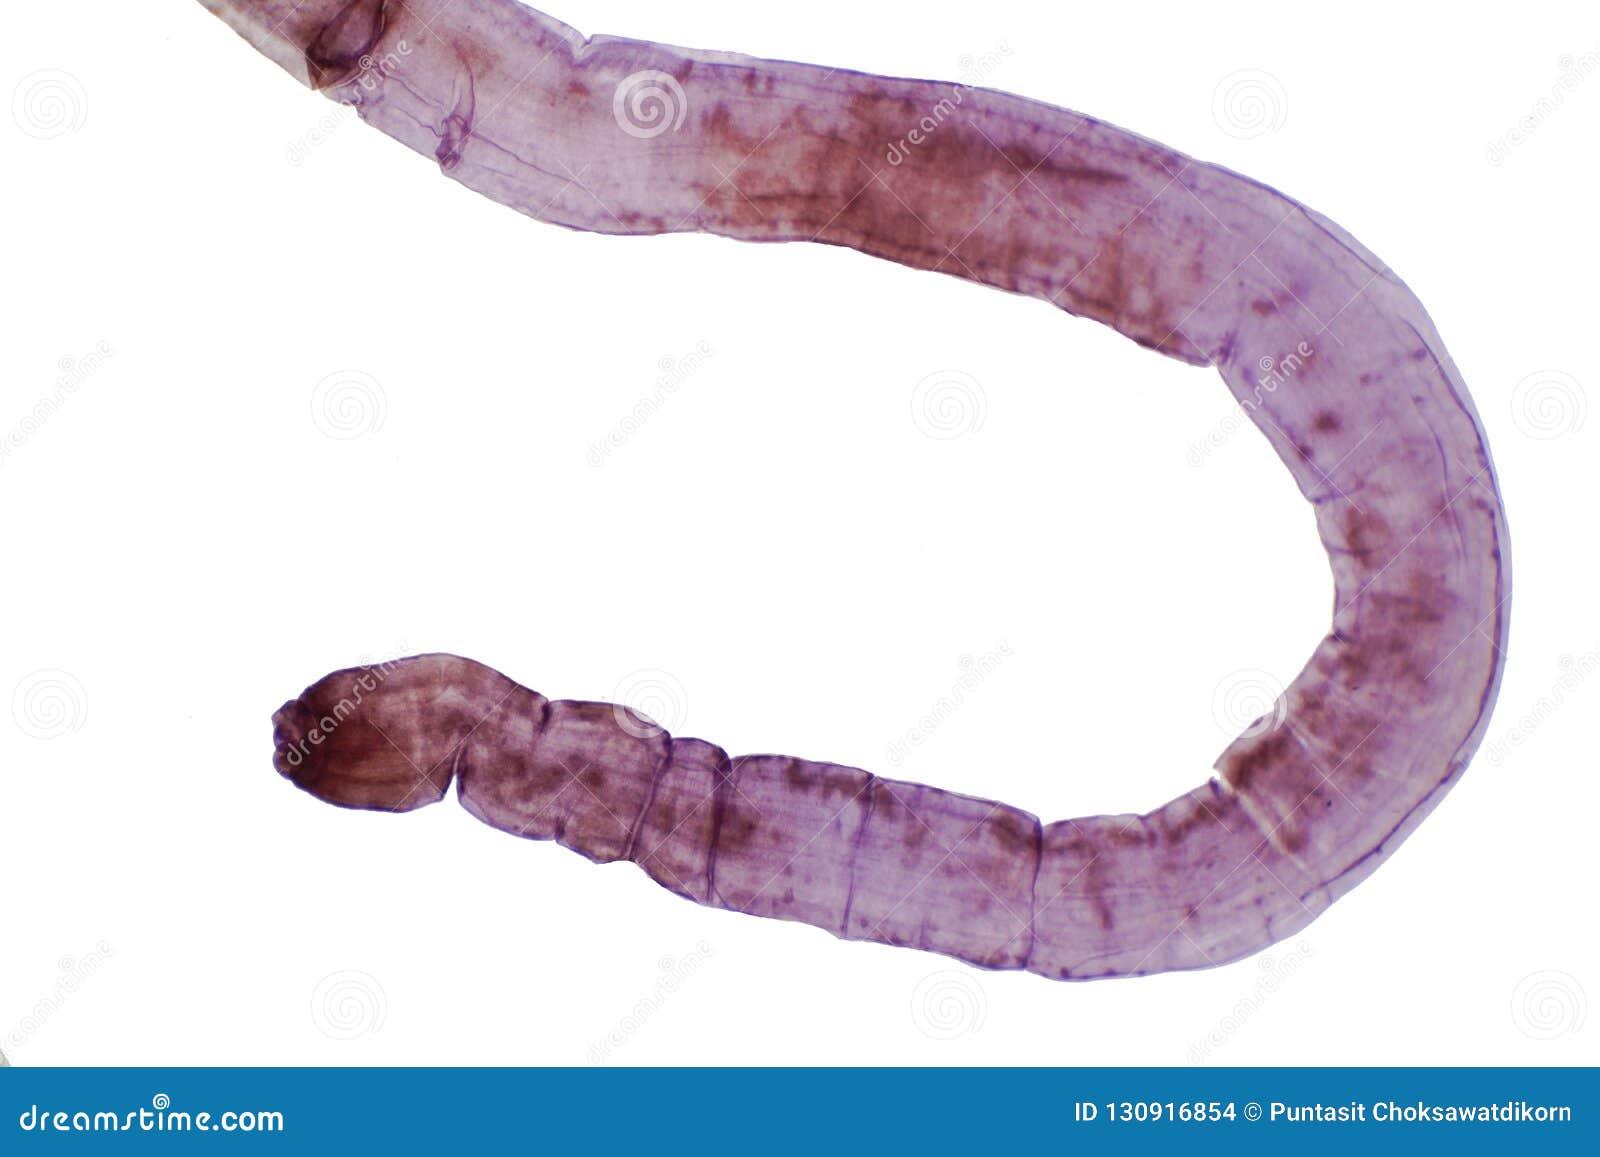 Szarvasmarha szalagféreg kezelési rendje